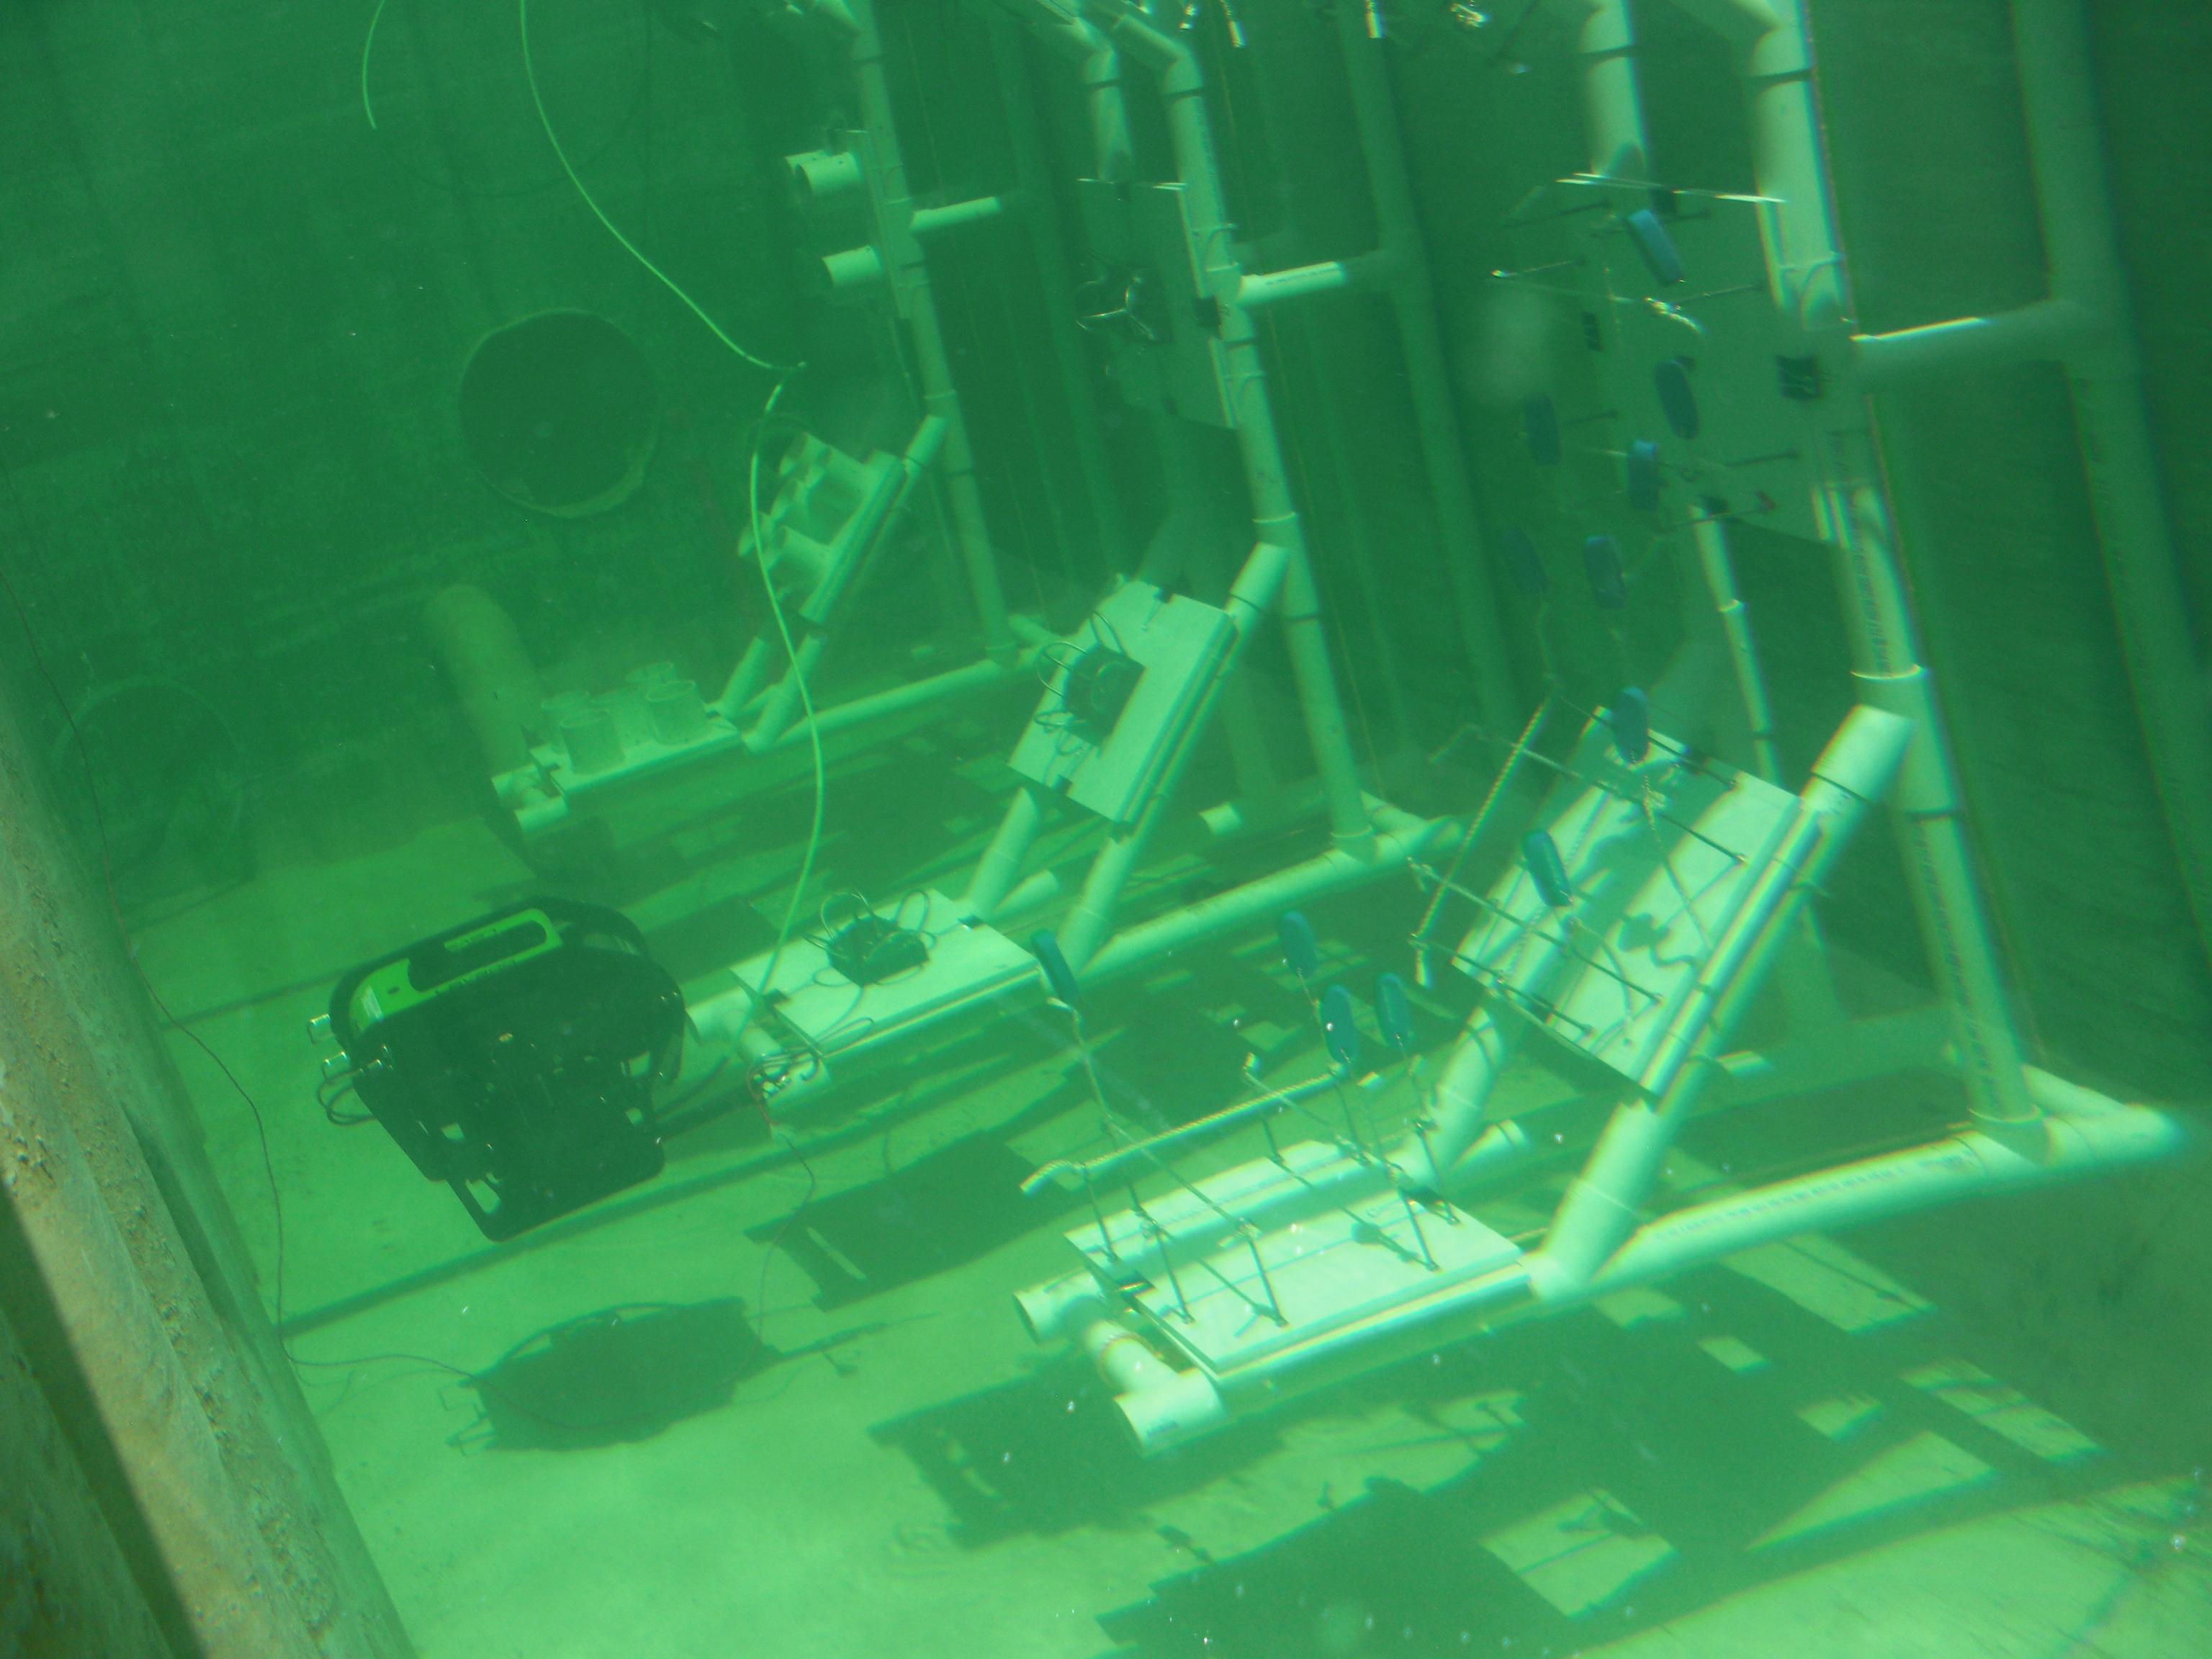 Aquatic  Apparatus with underwater robot